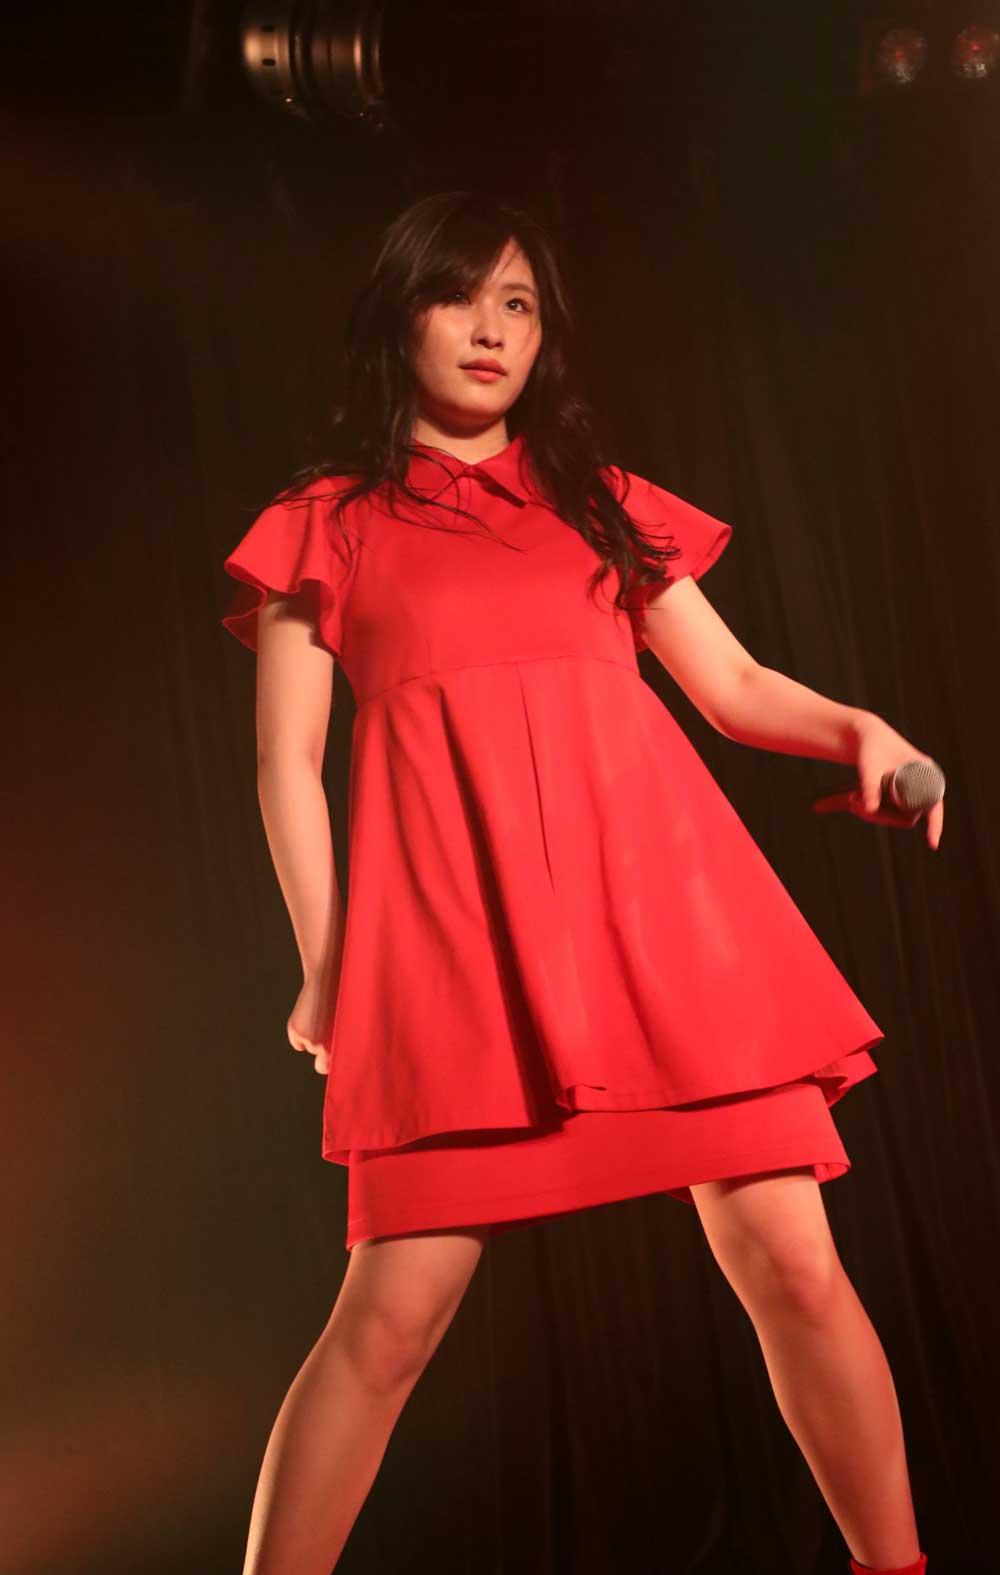 Images : 12番目の画像 - 「九州女子翼/東京定期で新曲披露。前回を大幅にアップデートする、圧倒的な進化を果たしたパフォーマンスで会場のオーディエンスを熱狂させた」のアルバム - Stereo Sound ONLINE